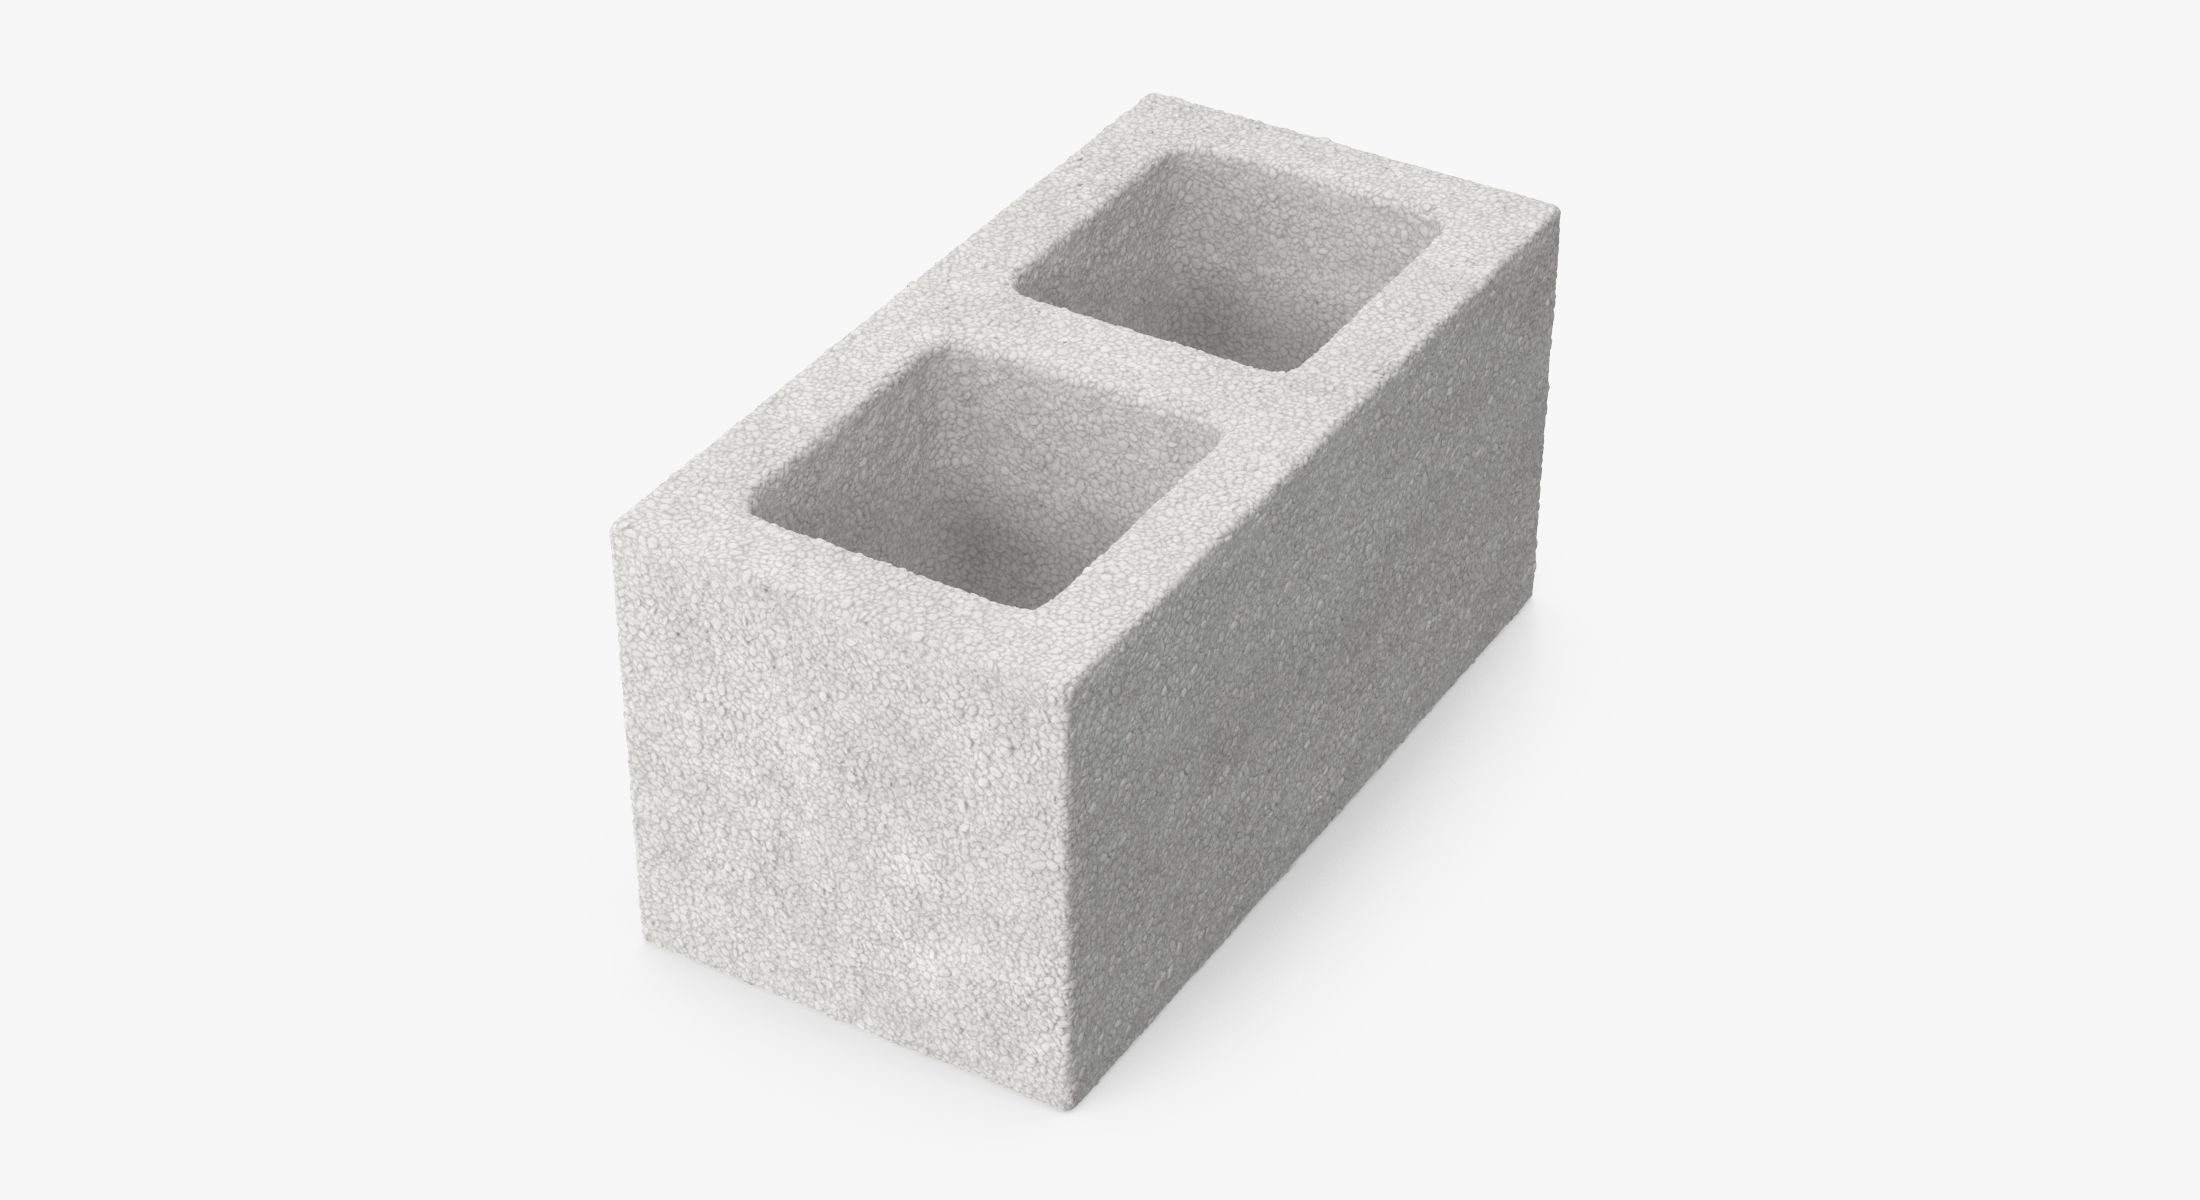 Cinder Block 02 - reel 1